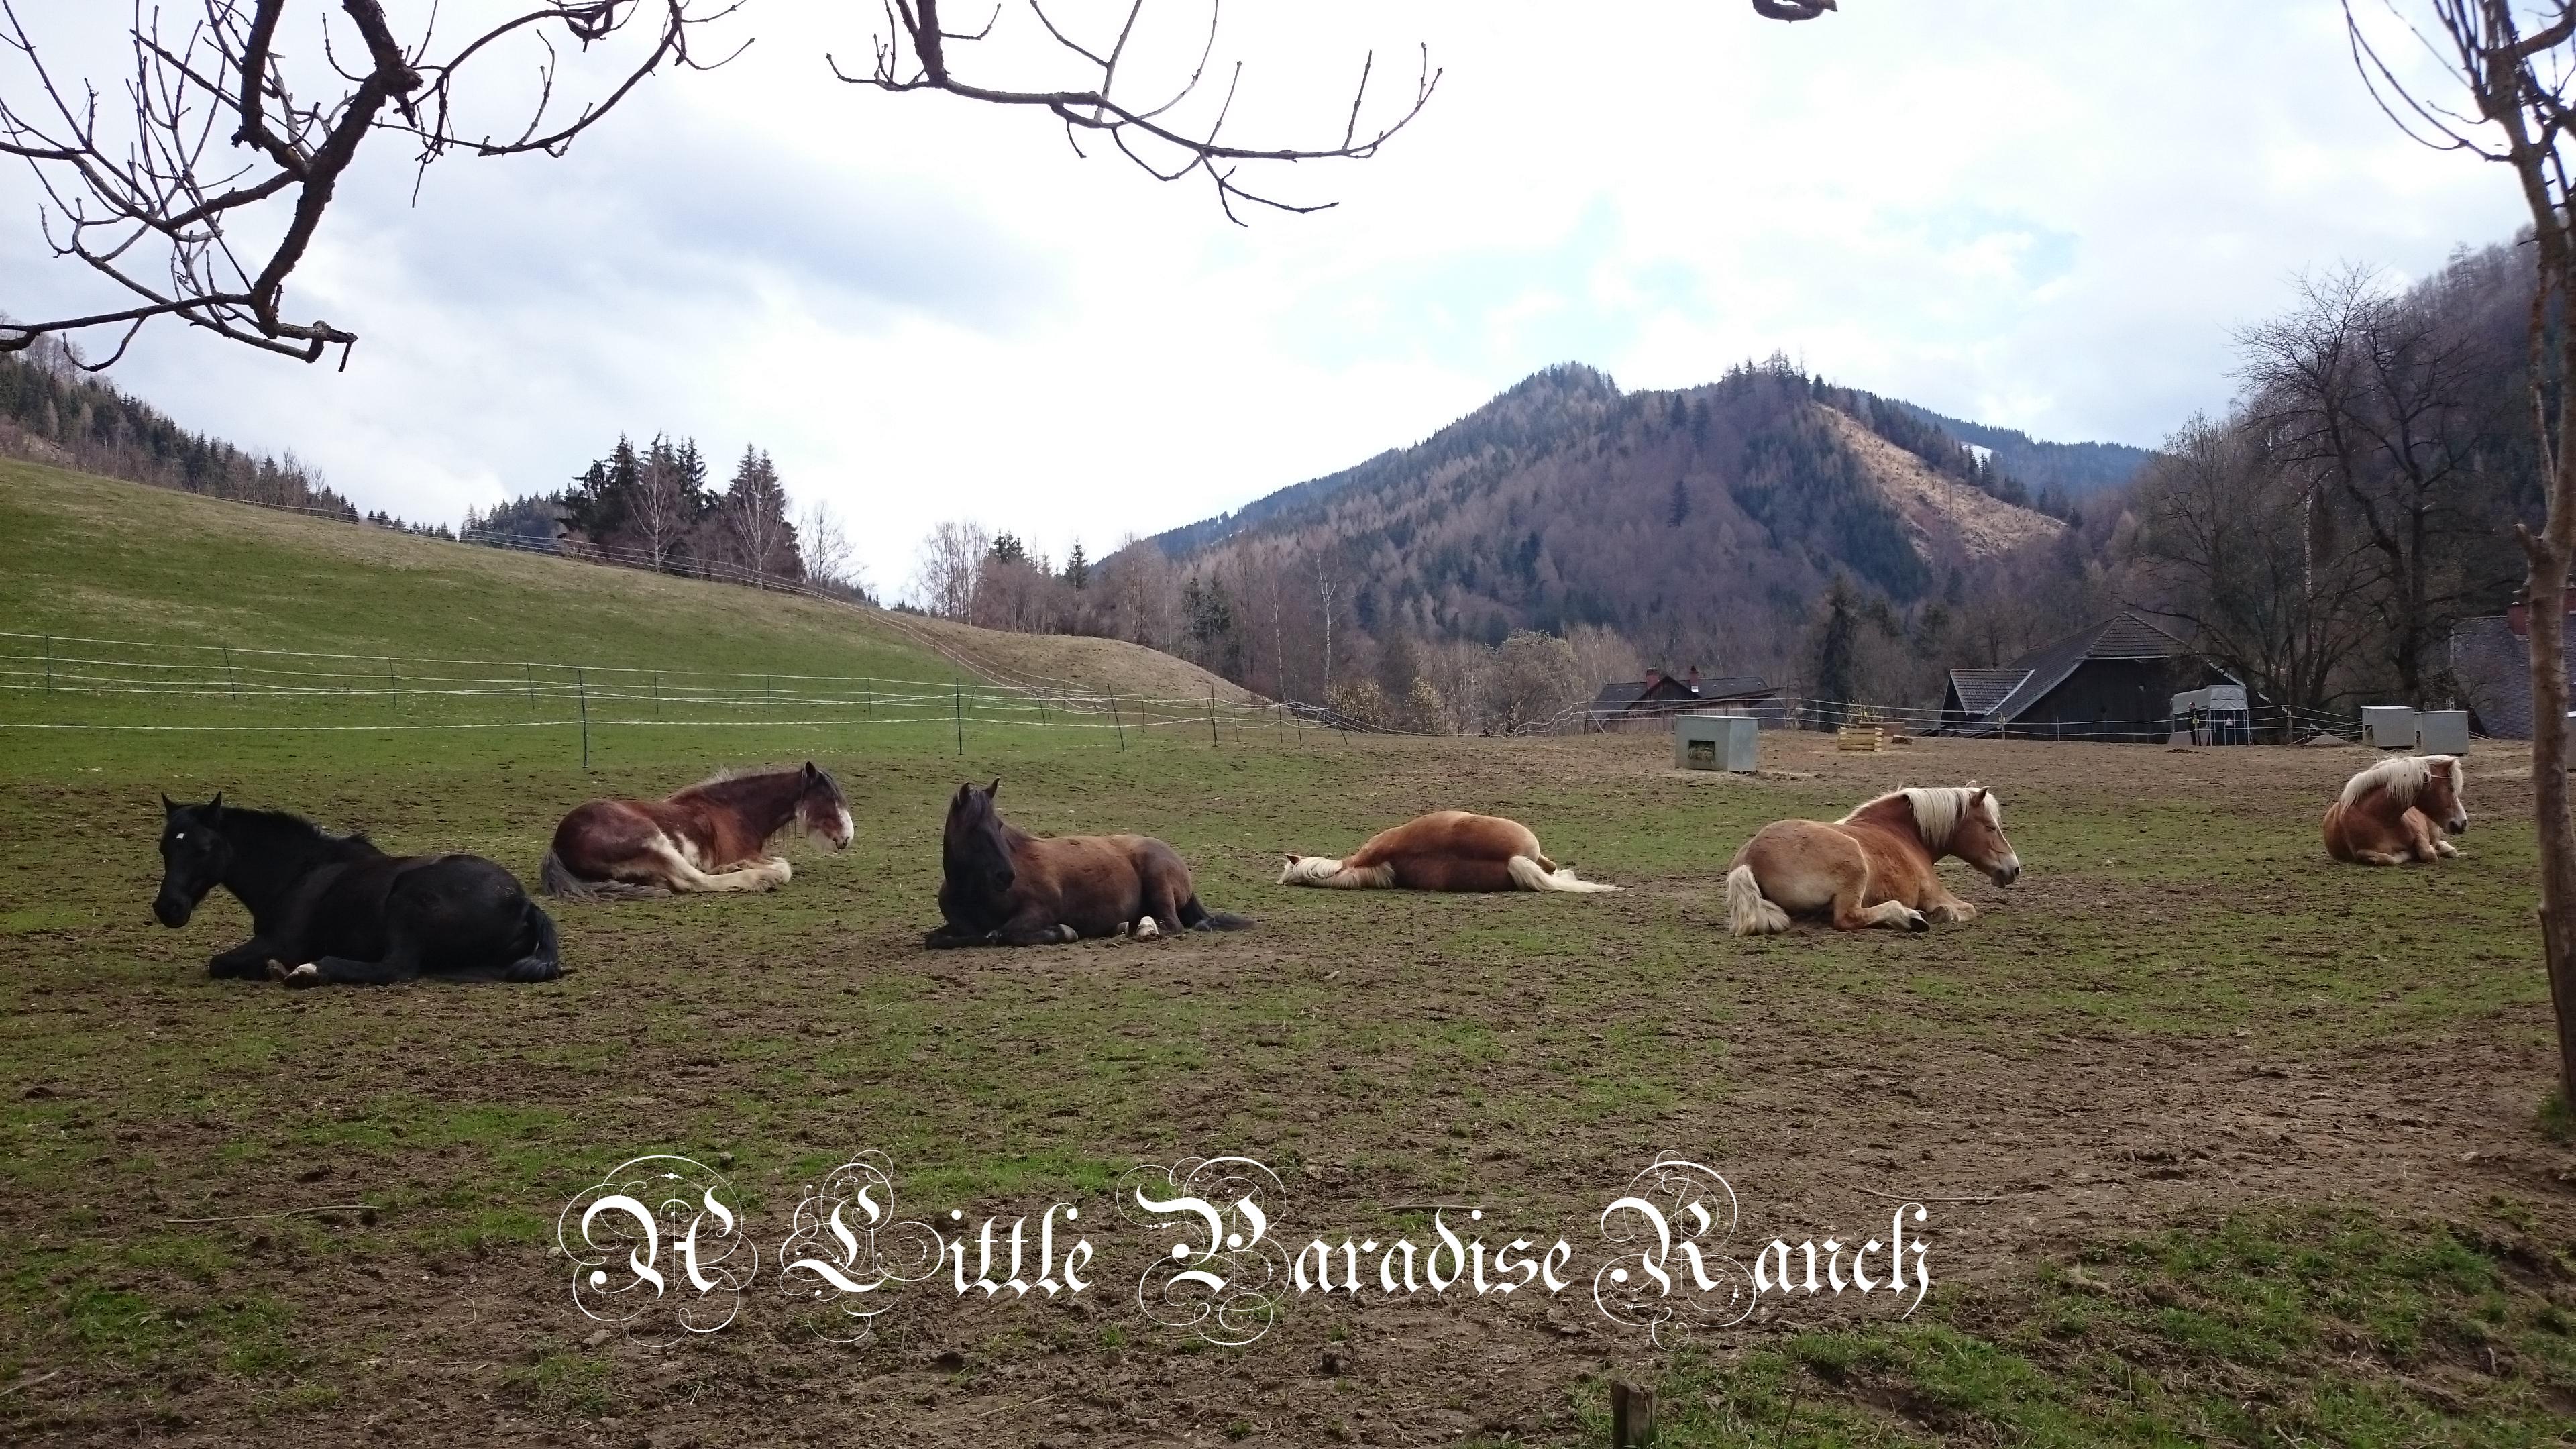 Die Herde bietet Schutz, Vertrauen und Sozialkontakt, die größten Bedürfnisse und ein wichtiger Punkt für die Gesundheit der Pferde. BU: Lisa Spitzer, 2016, ©Lisa Spitzer